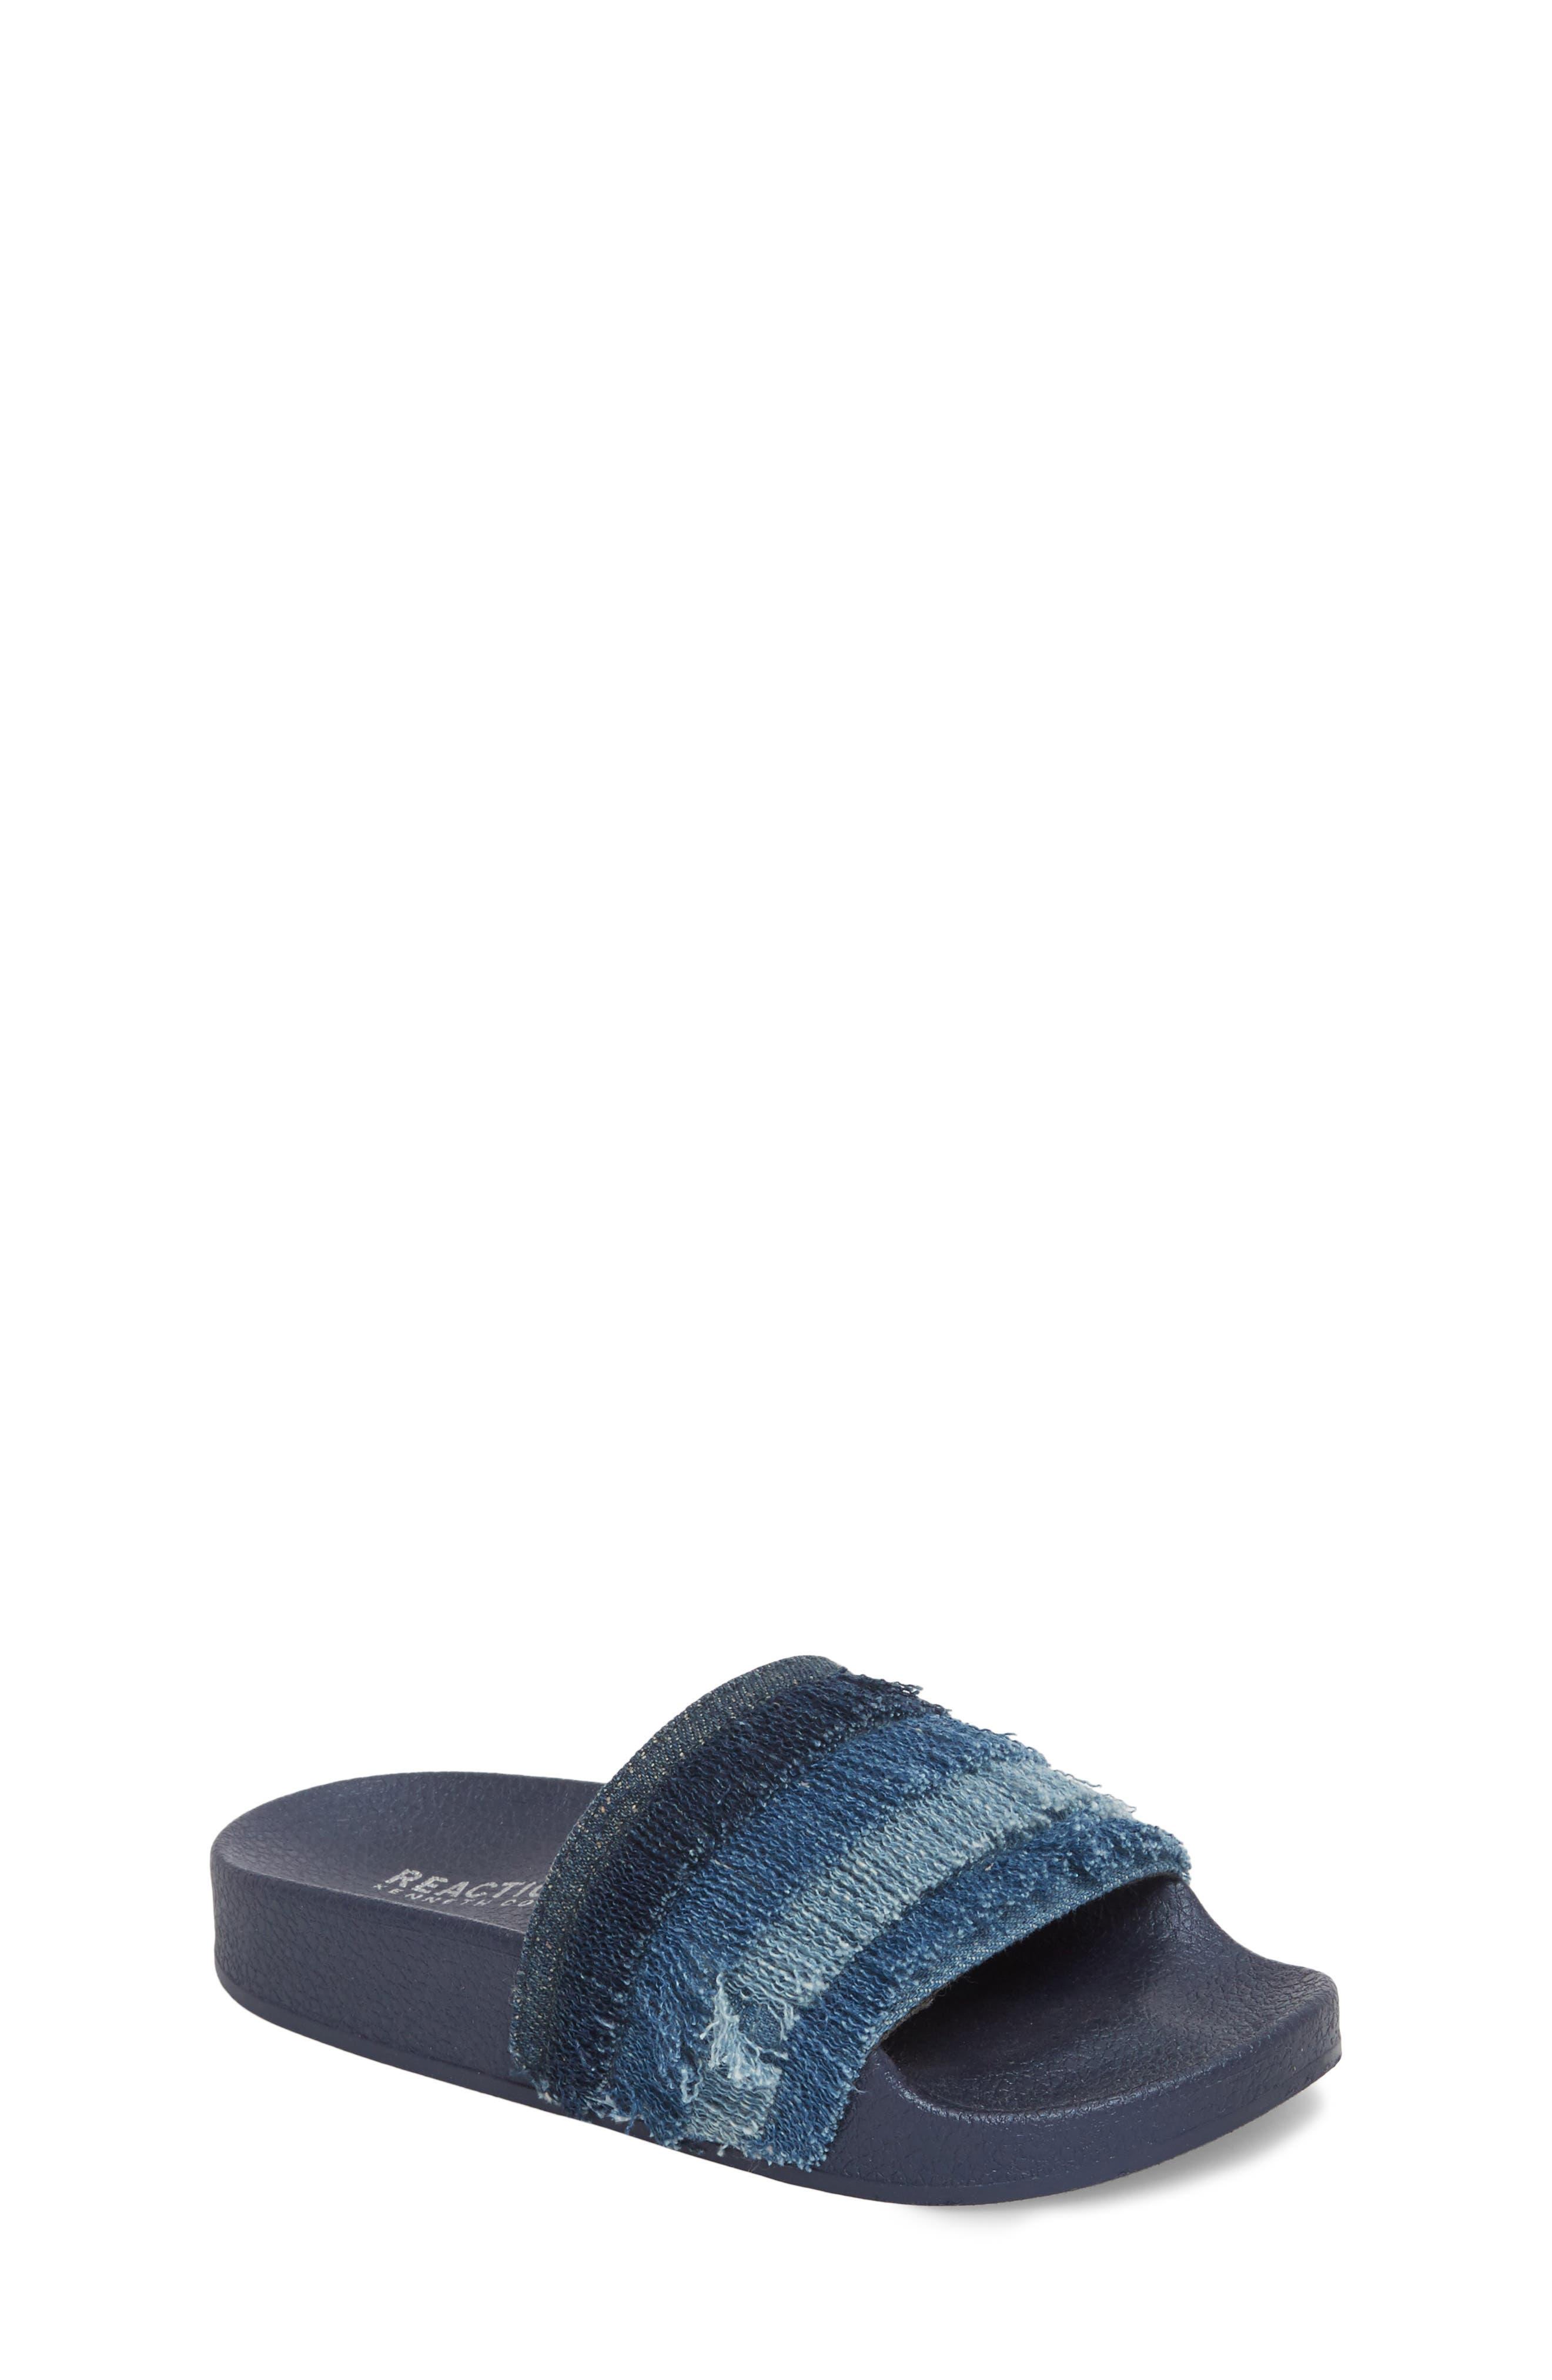 Reaction Kenneth Cole Shower Fray Slide Sandal,                         Main,                         color, 402